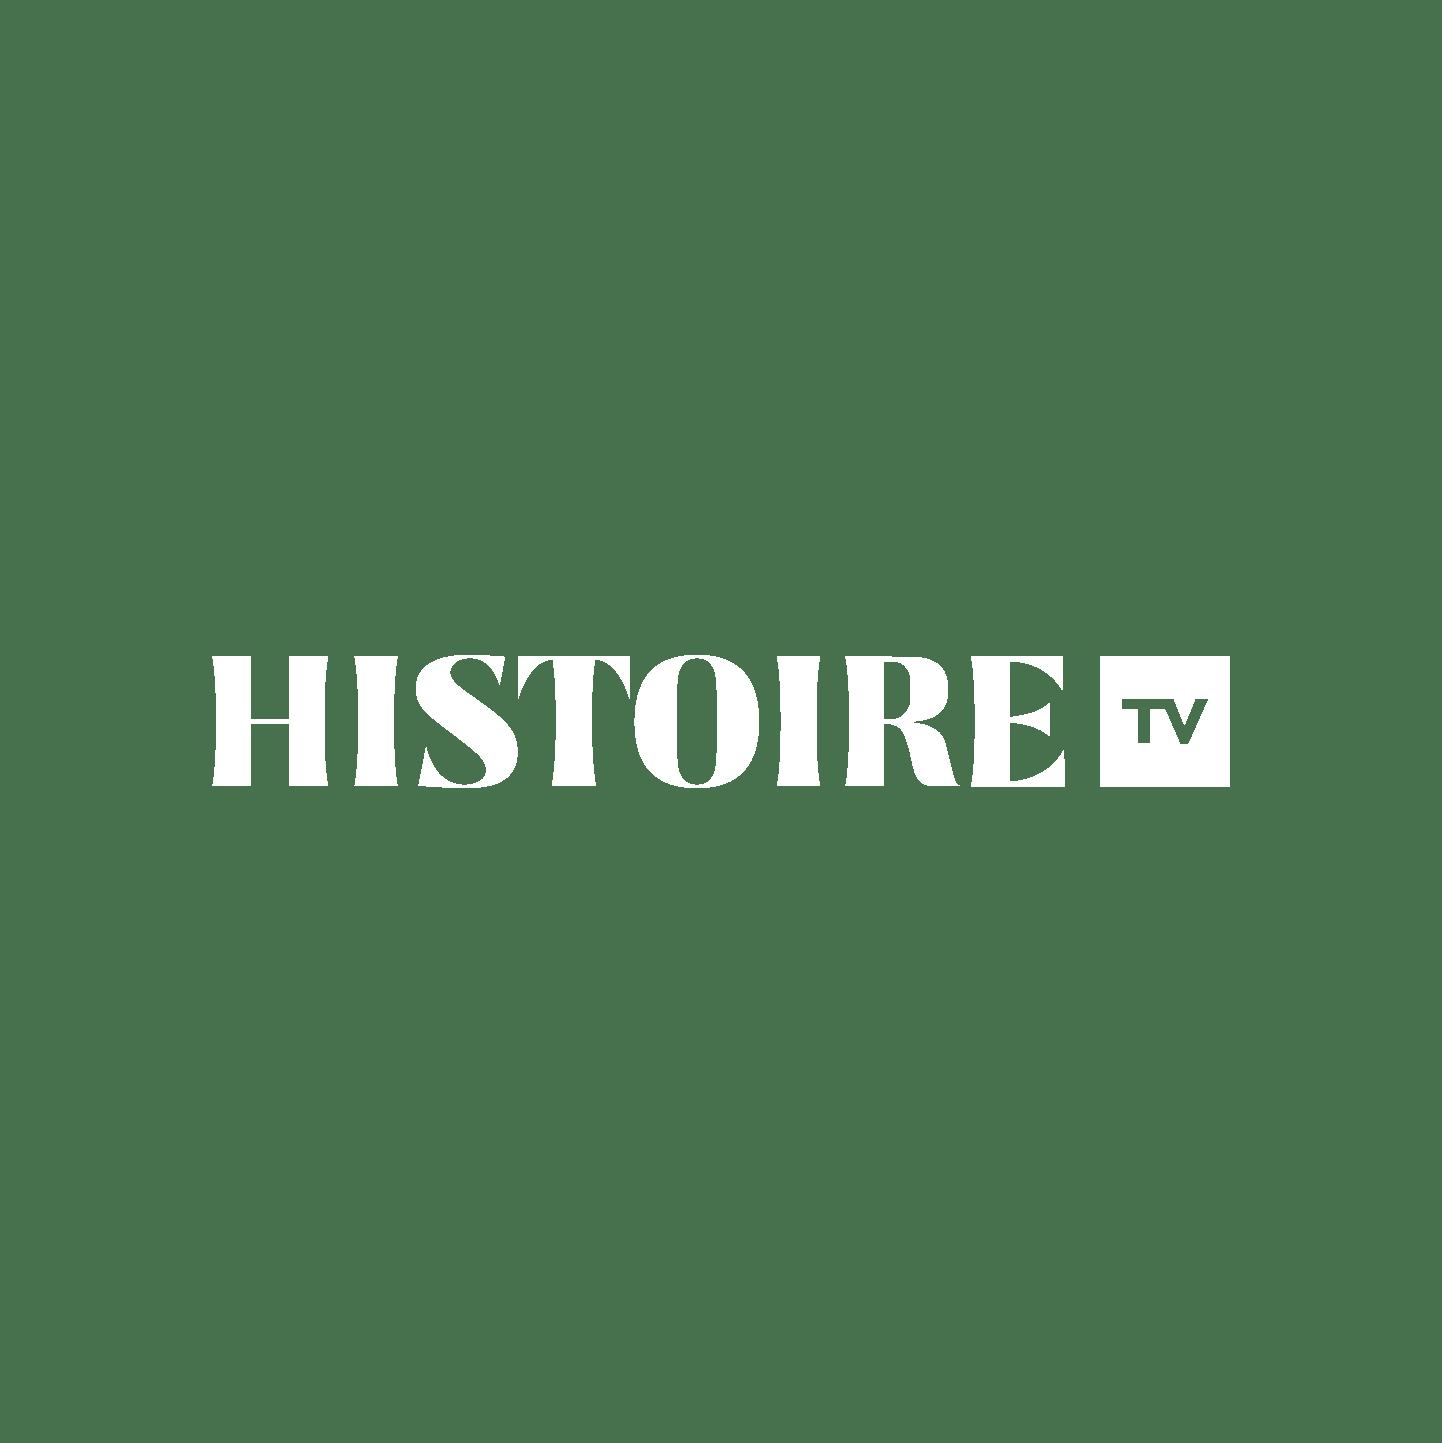 logo Histoire TV